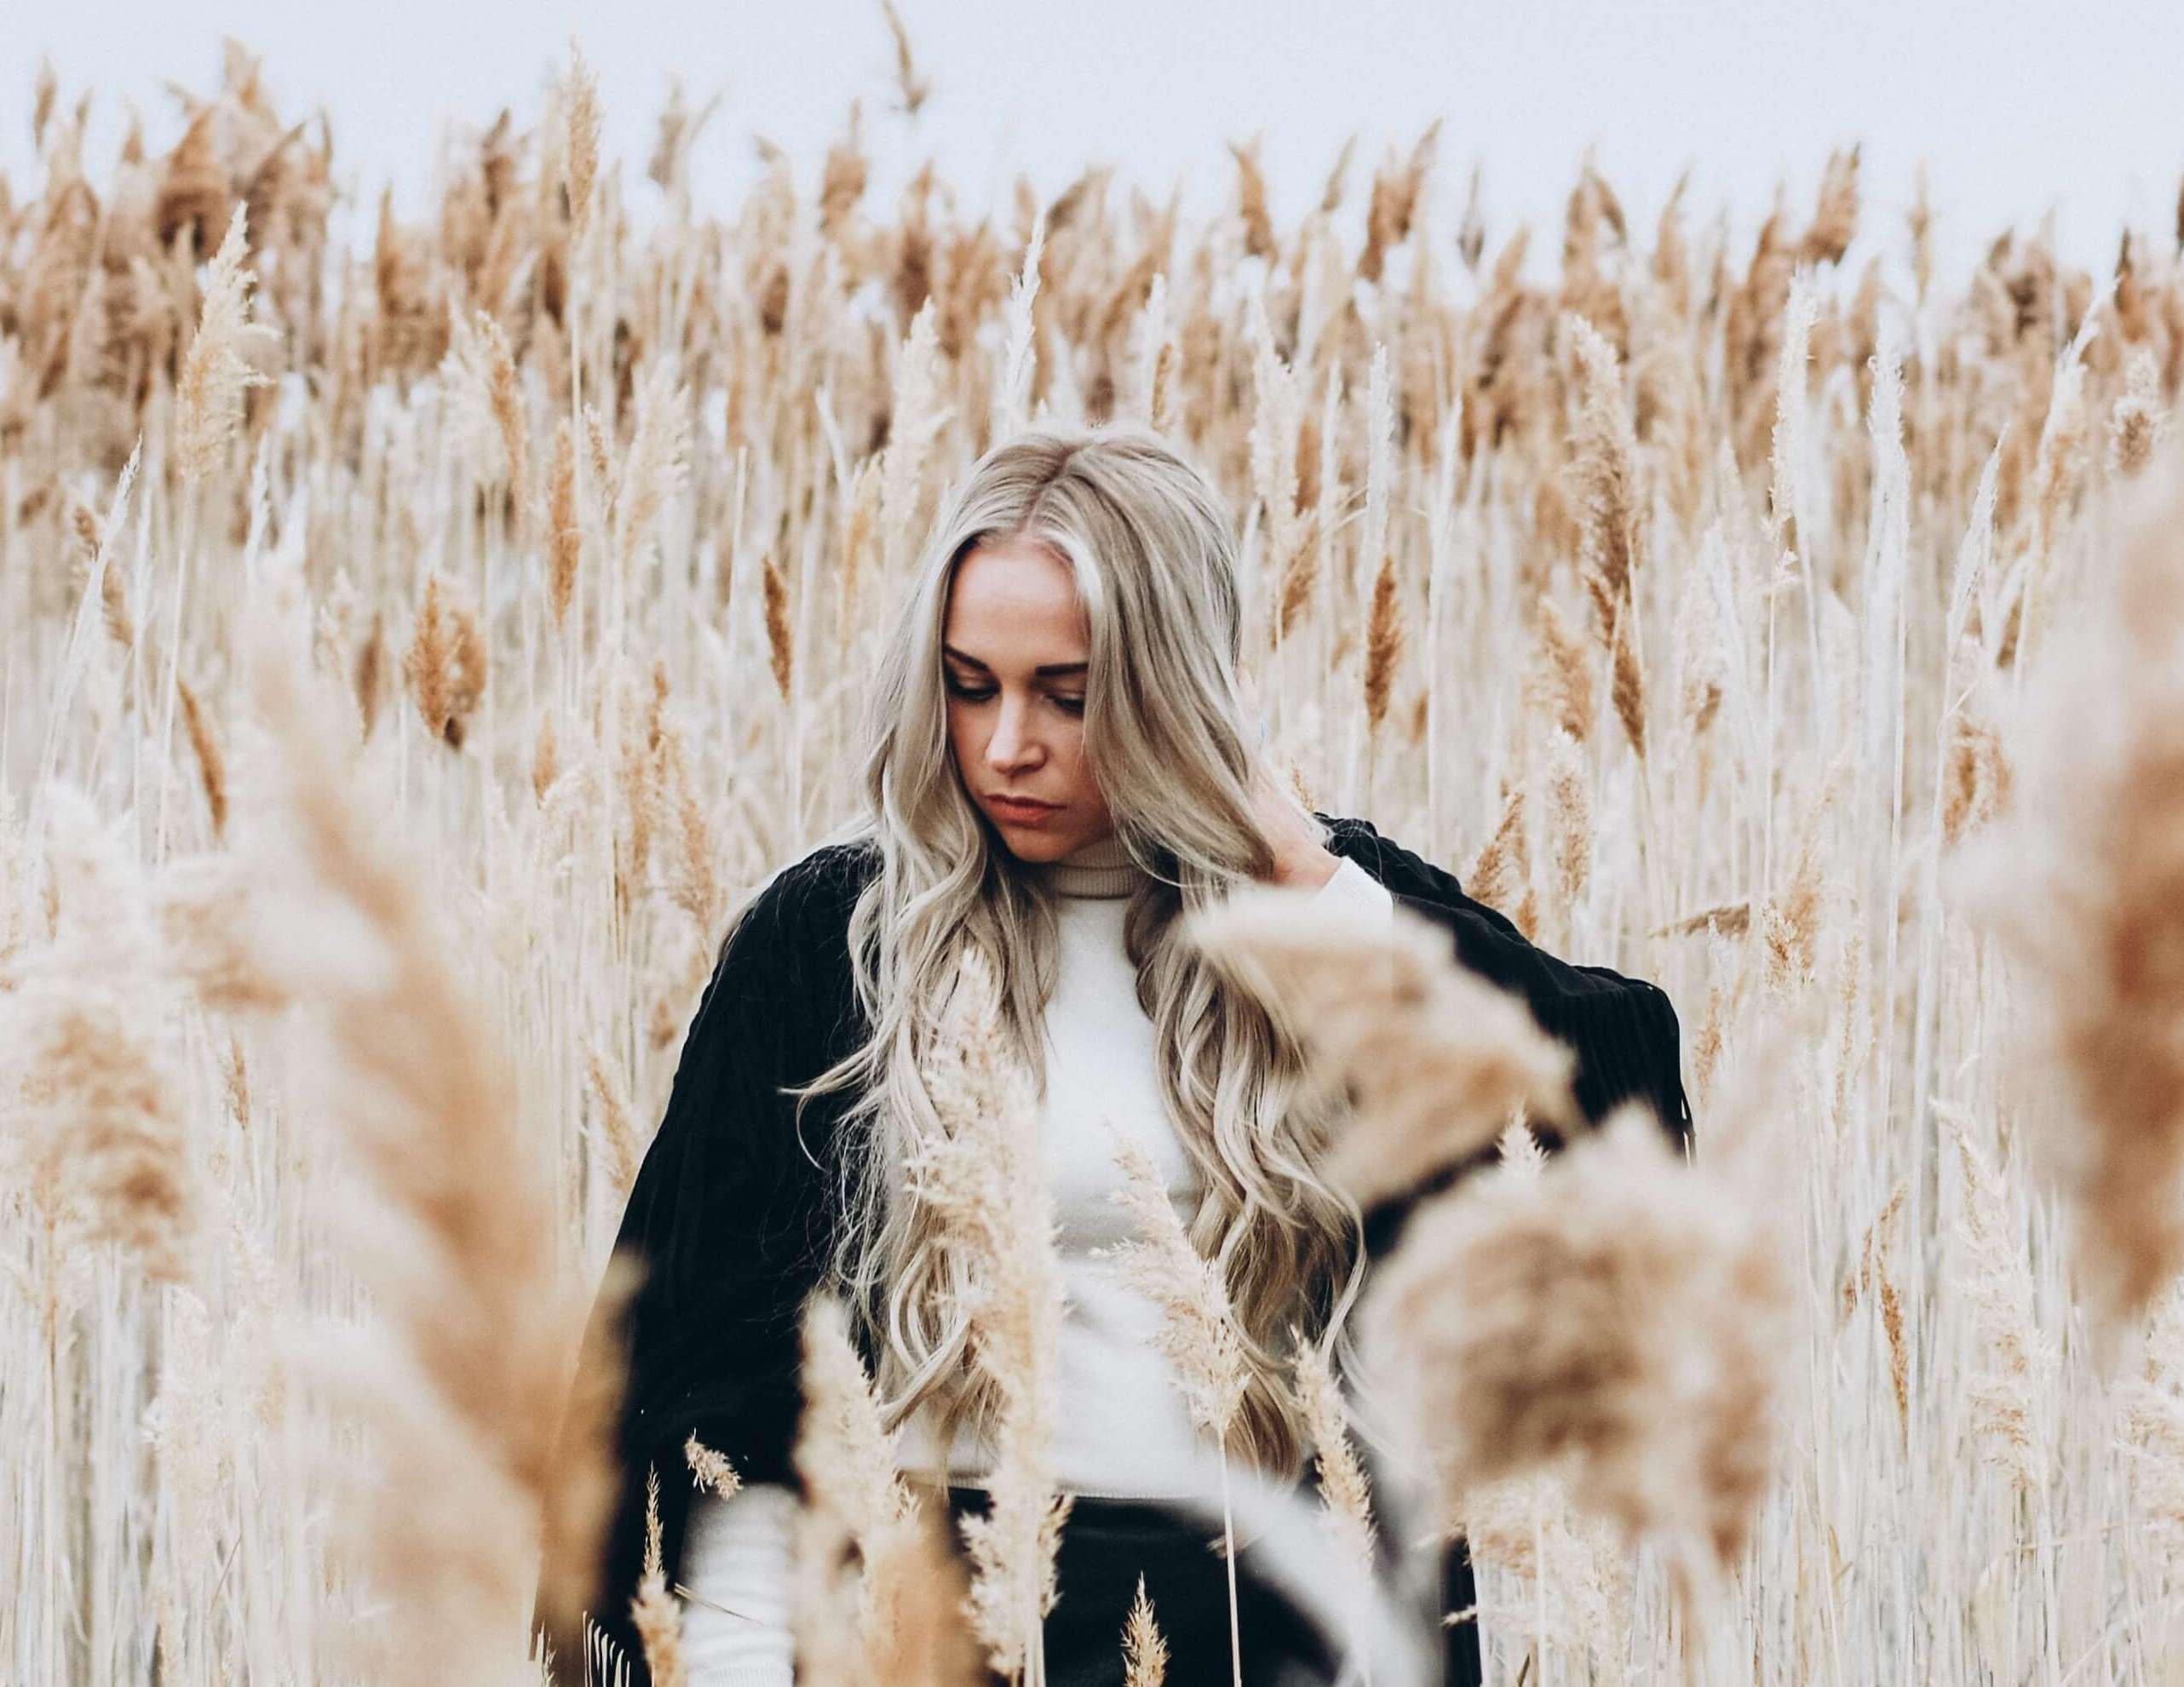 麦畑の中に立つ女性